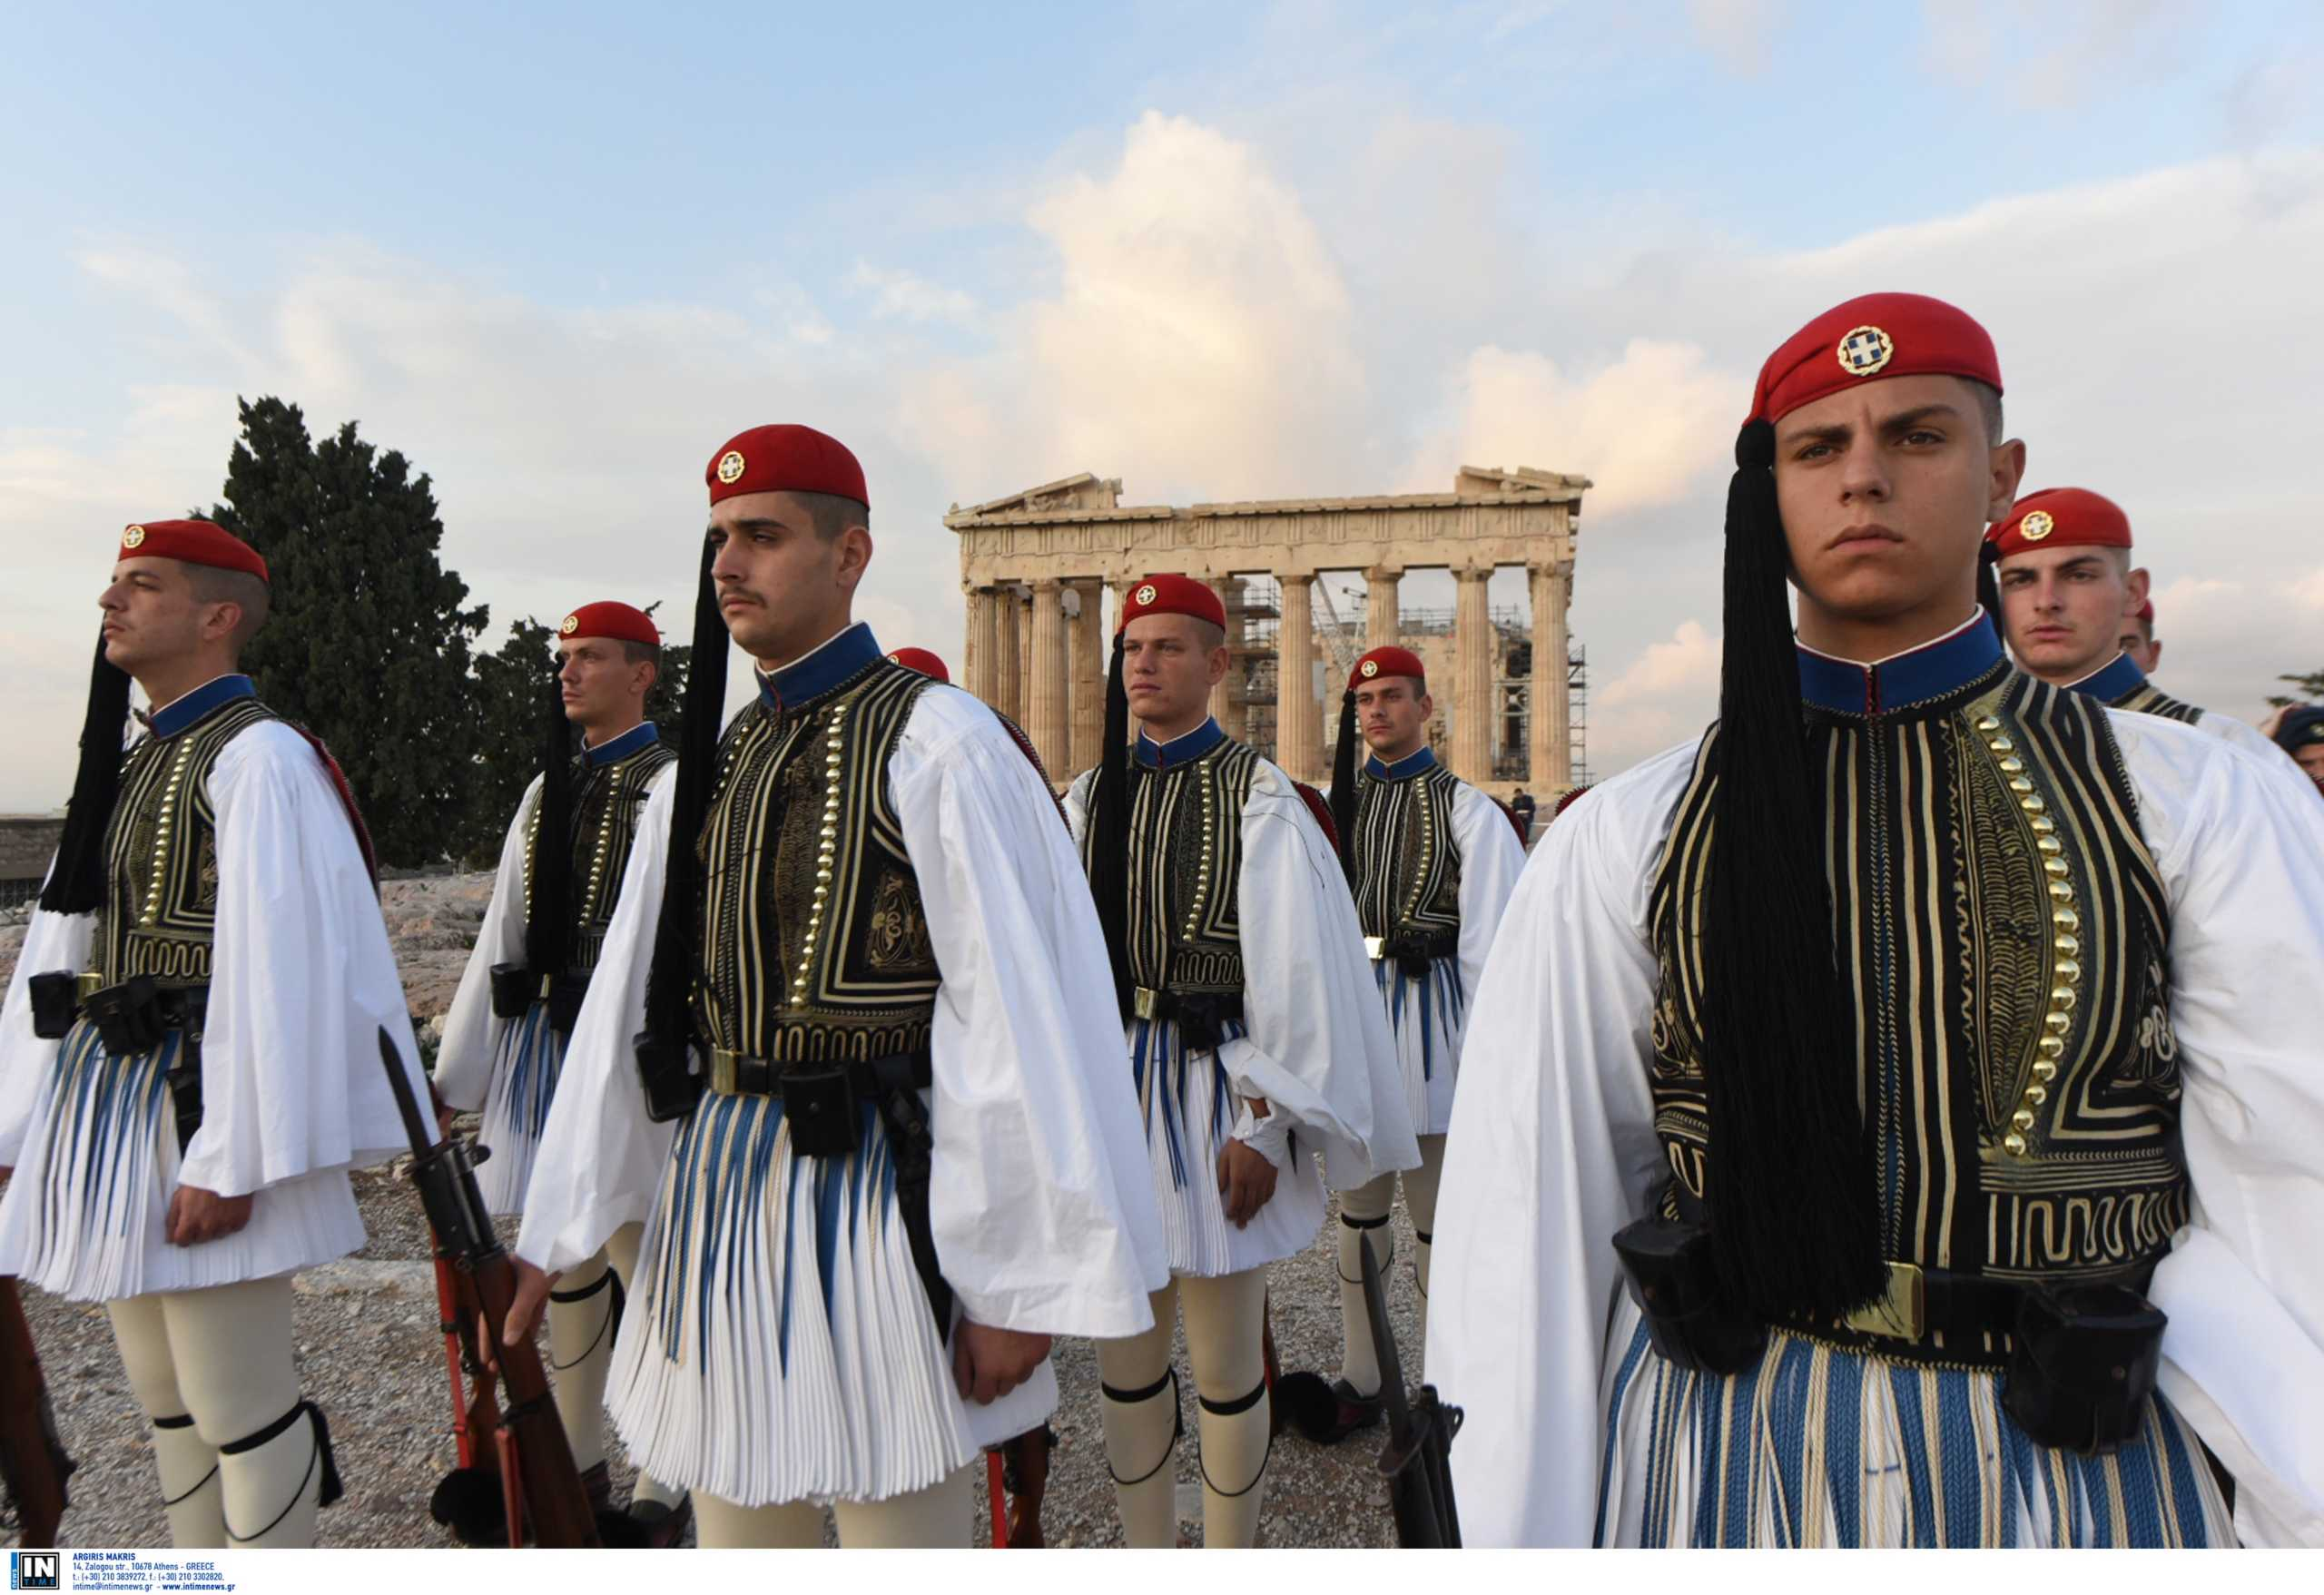 Κορονοϊός: Κλείνουν μουσεία και αρχαιολογικοί χώροι για λόγους δημόσιας υγείας